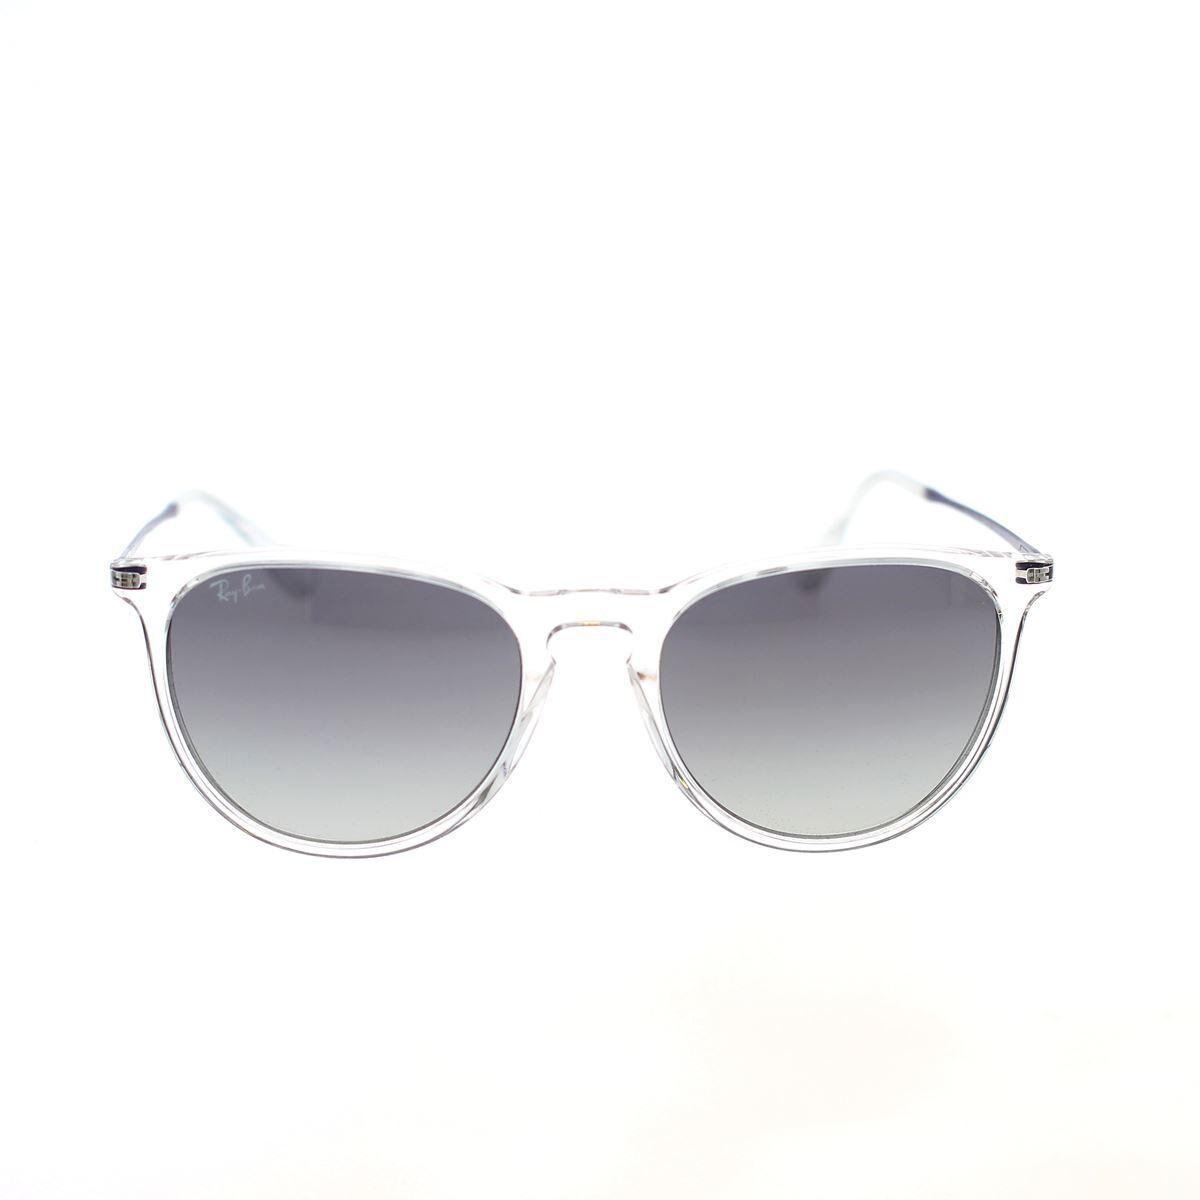 ray-ban occhiali da sole erika rb4171 651611